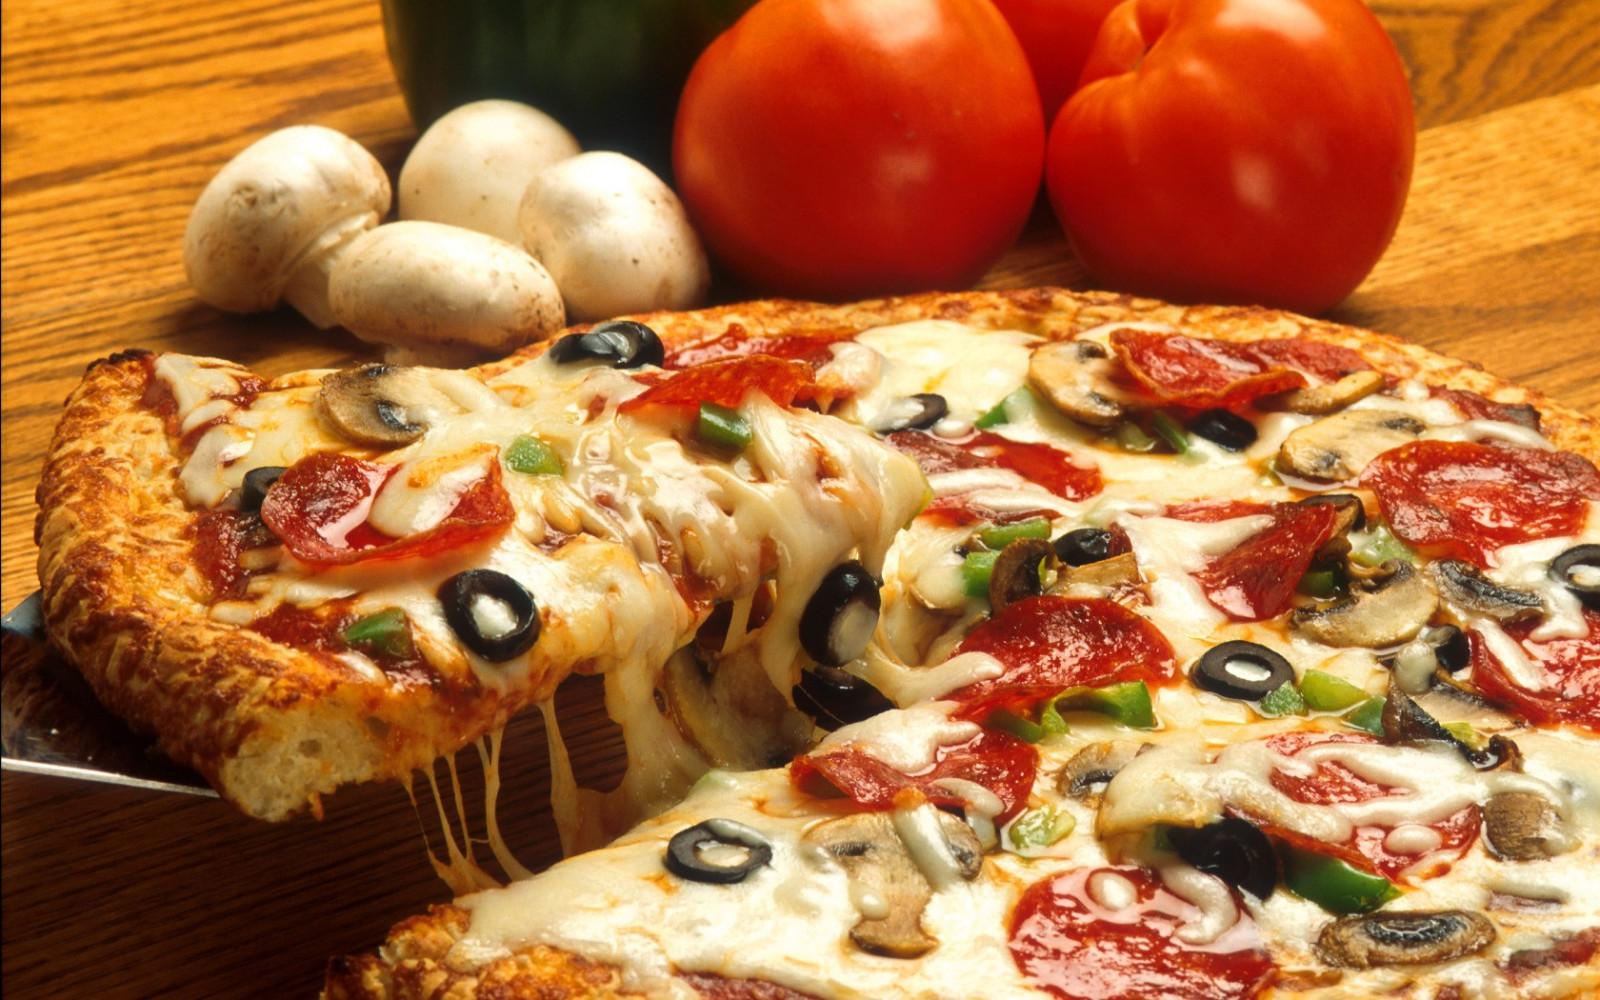 Fondos de pantalla  Tomates carne seta Pizza cocina